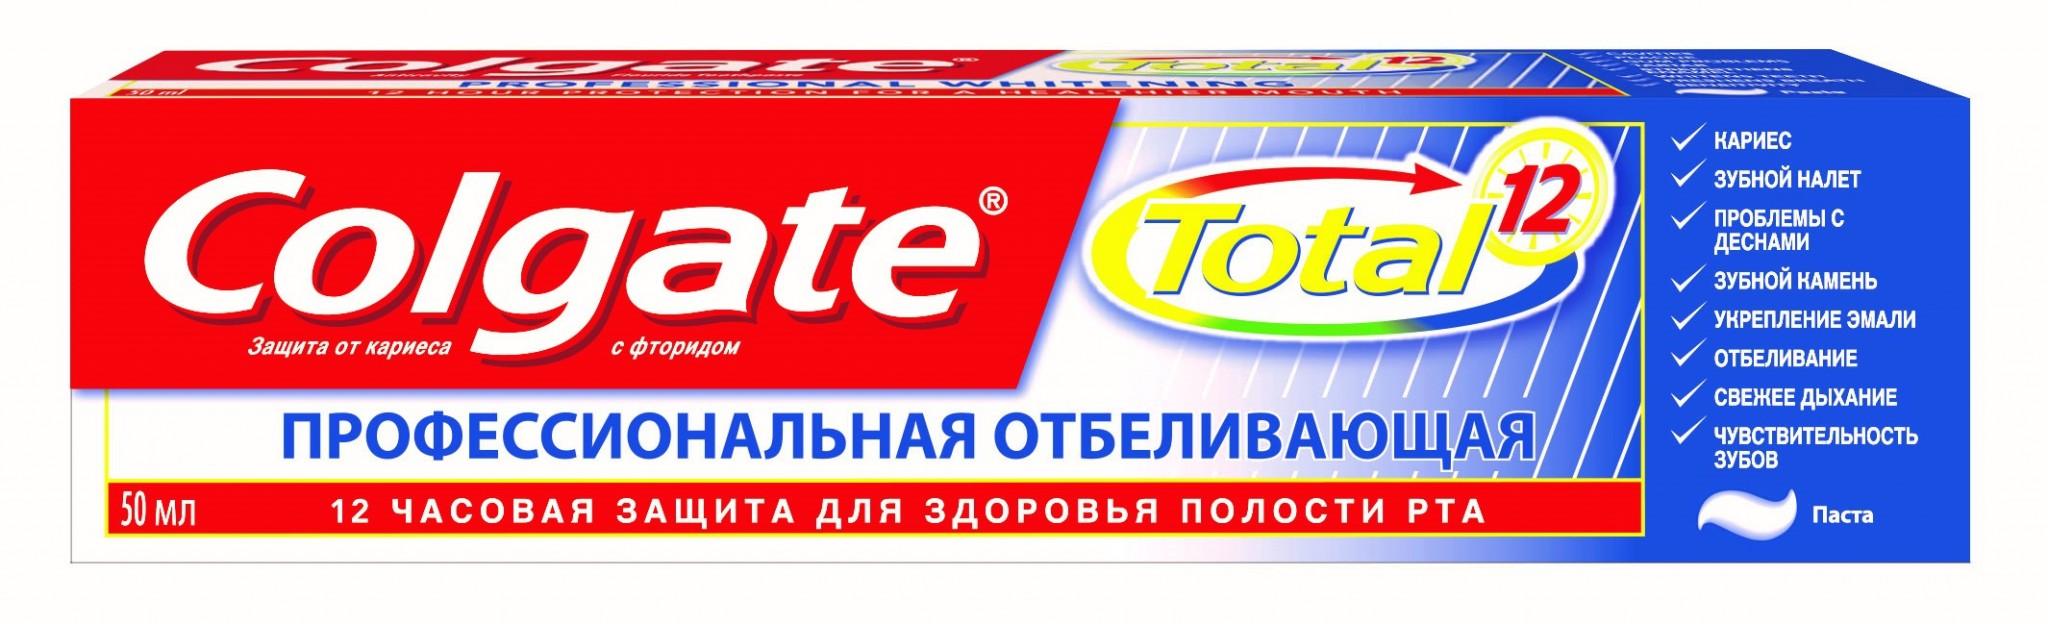 ulybka1